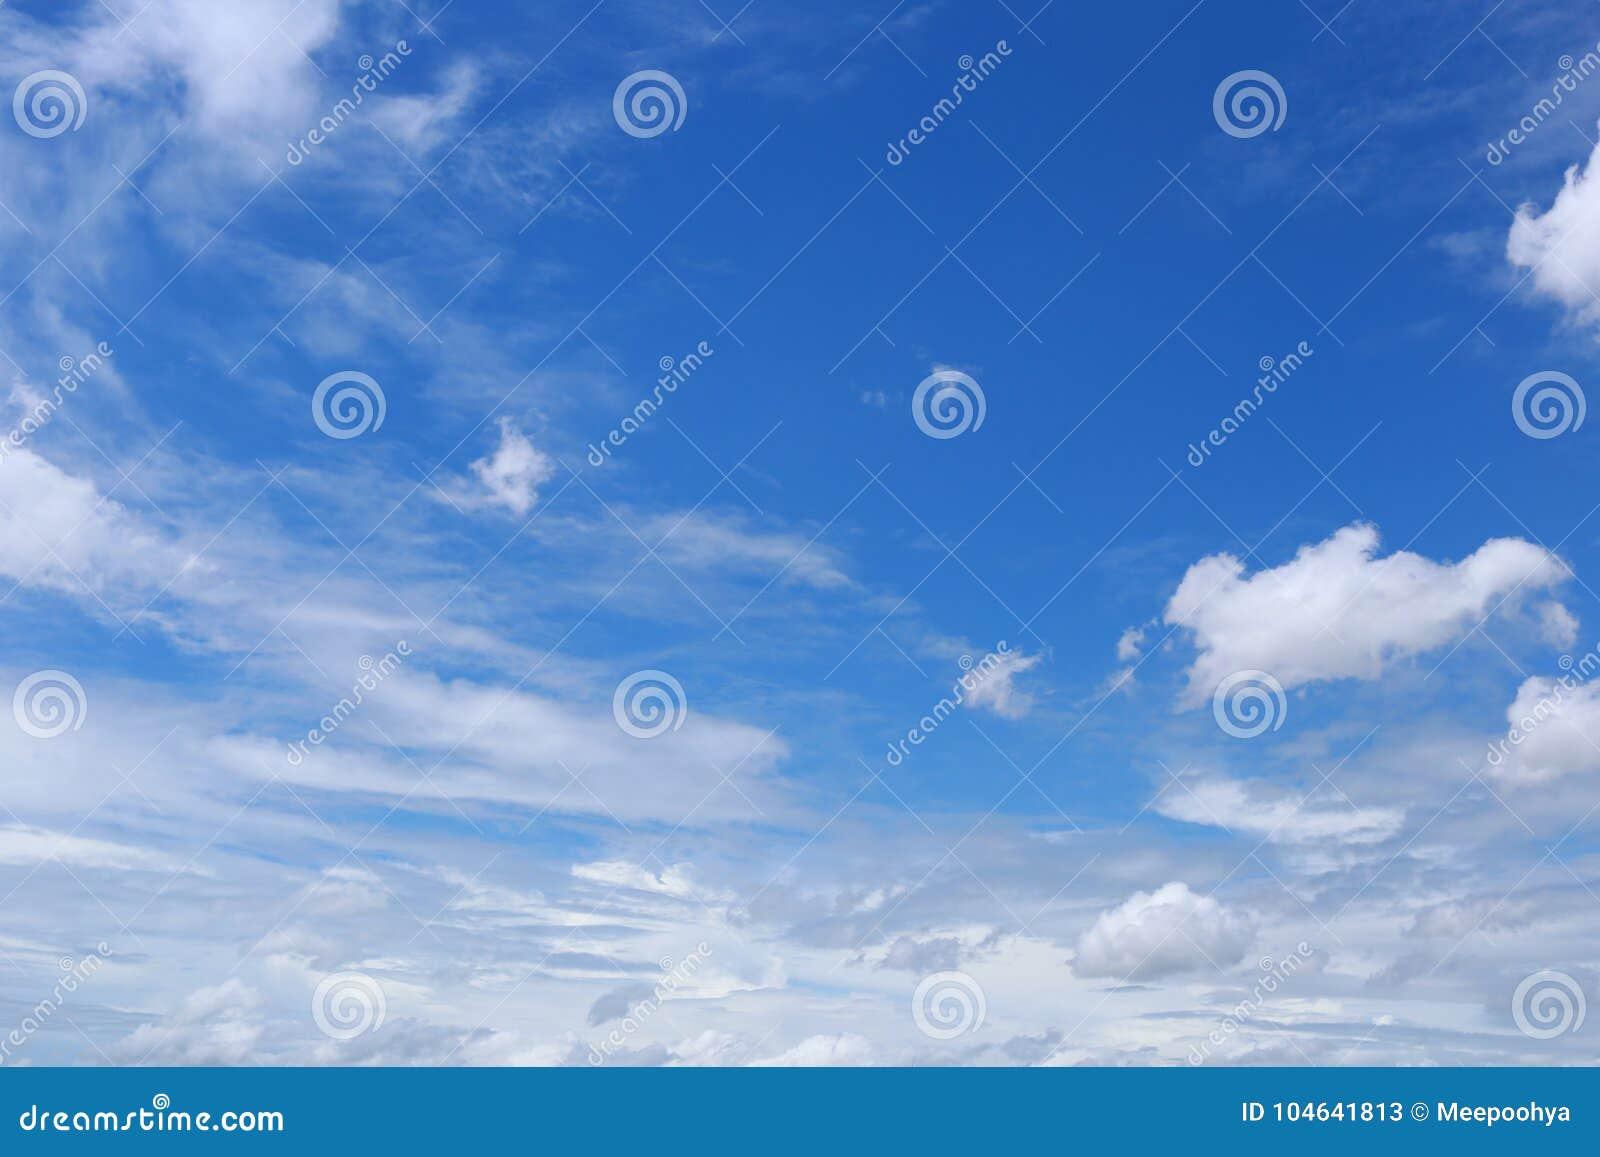 Download Wolk Op Blauwe Hemel In De Dag Stock Afbeelding - Afbeelding bestaande uit kleur, wolk: 104641813